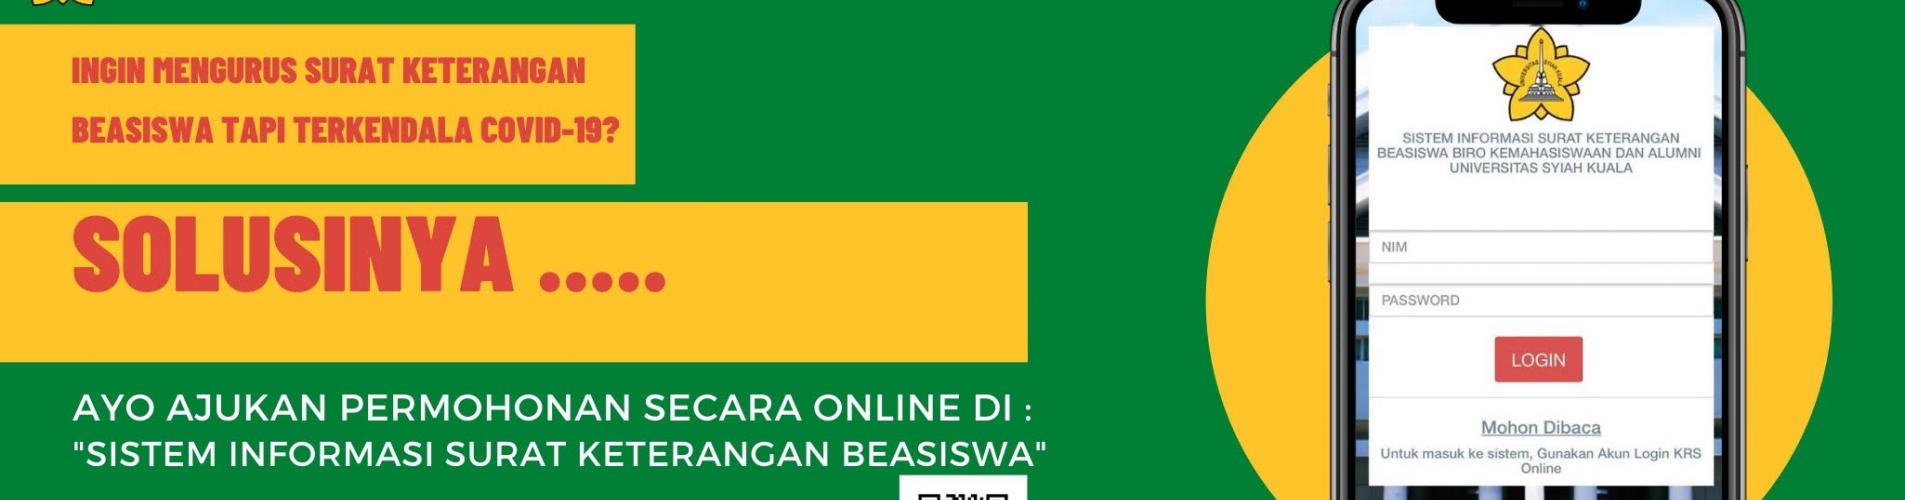 Sistem Informasi Surat Keterangan Beasiswa